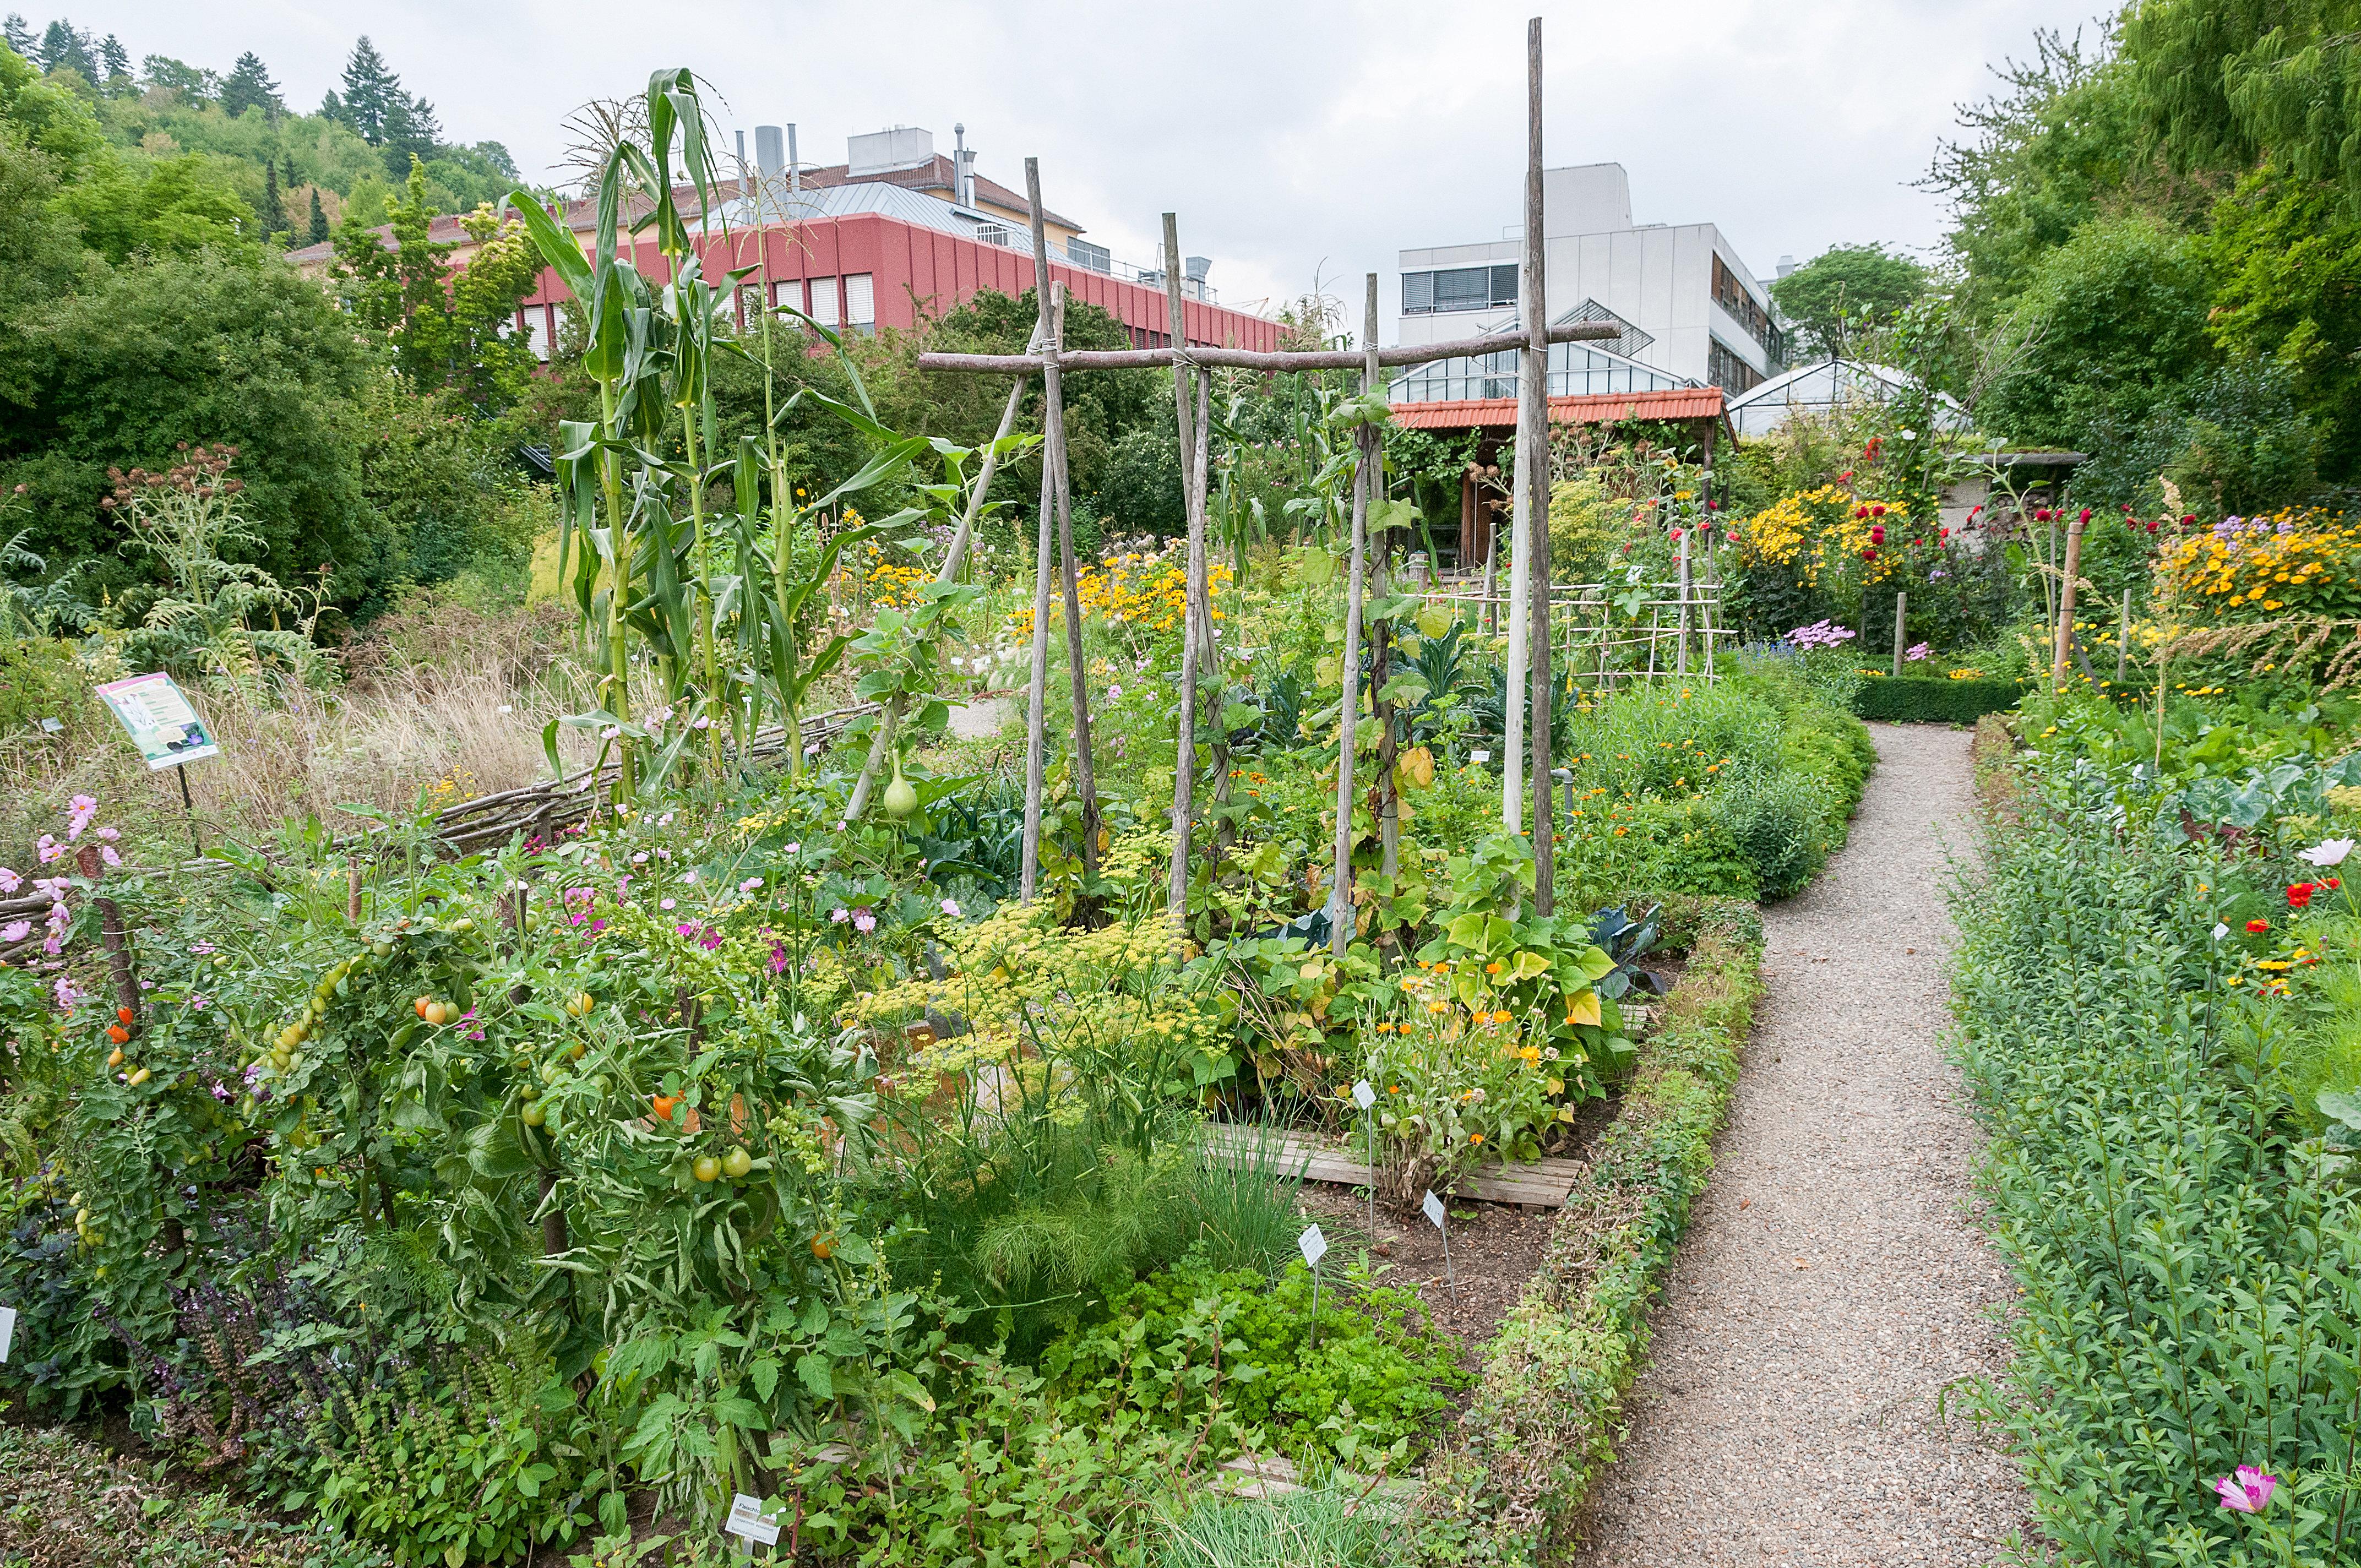 Botanischer garten w rzburg bauerngarten botanischer for Gartengestaltung chemnitz